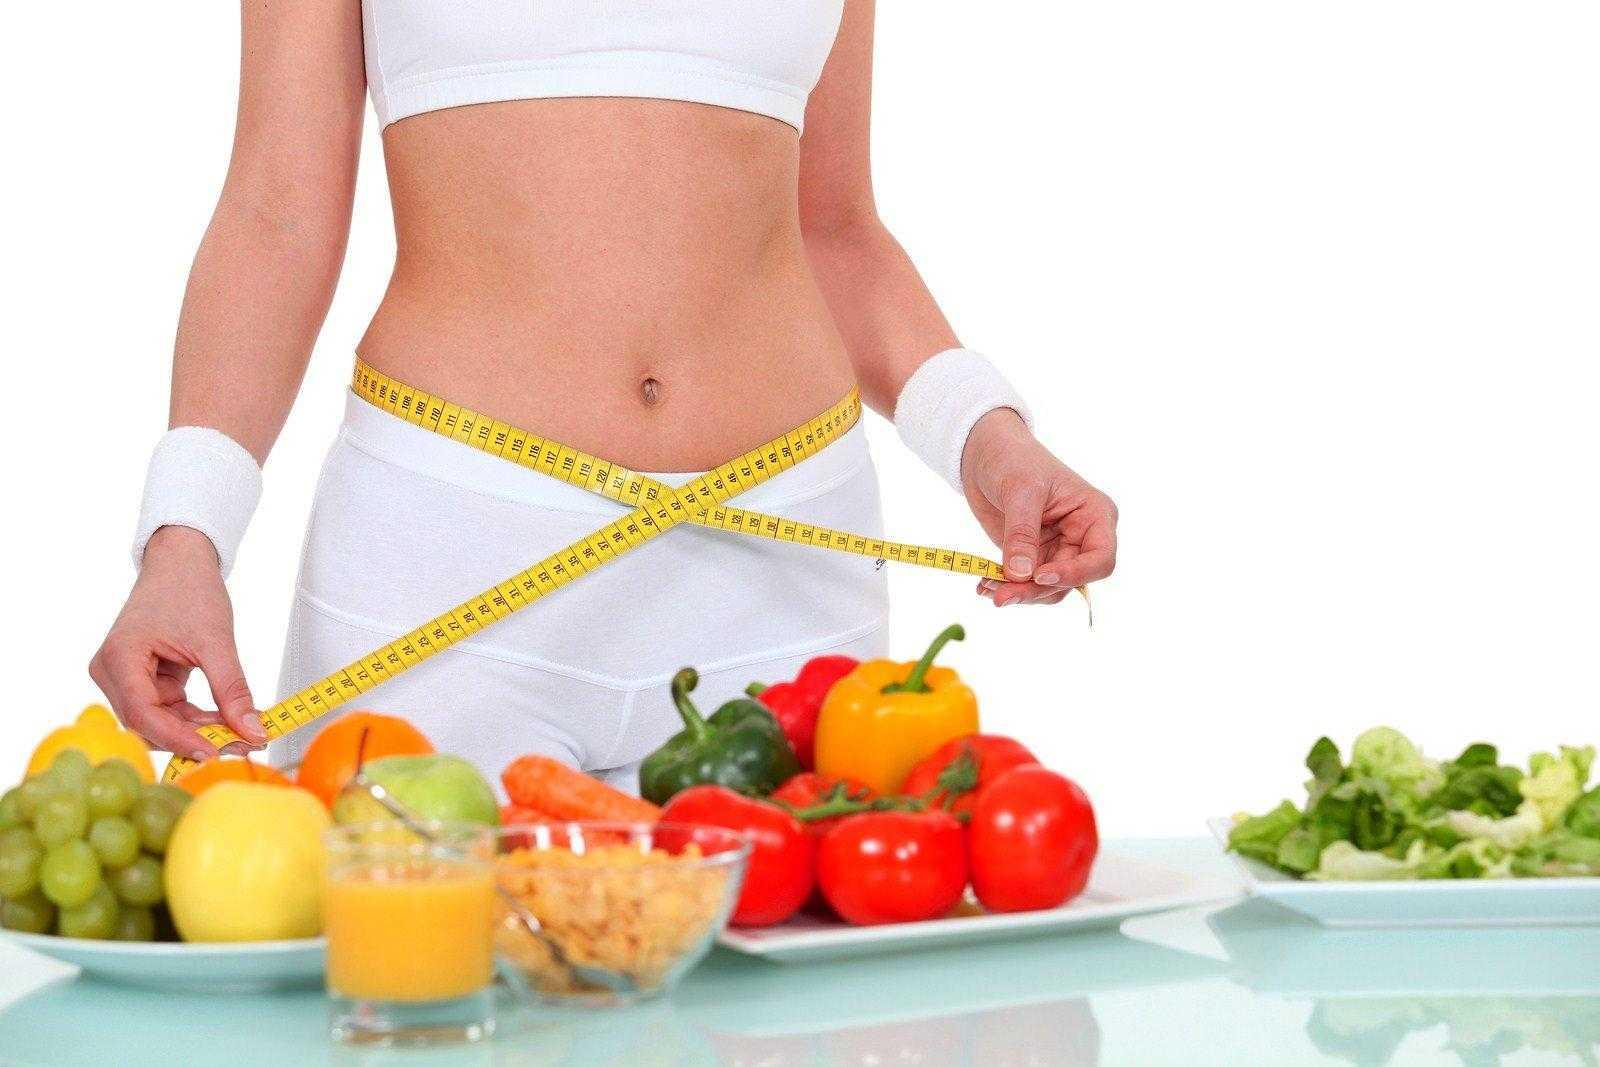 Фрукты для похудения и диет - список самых низкокалорийных